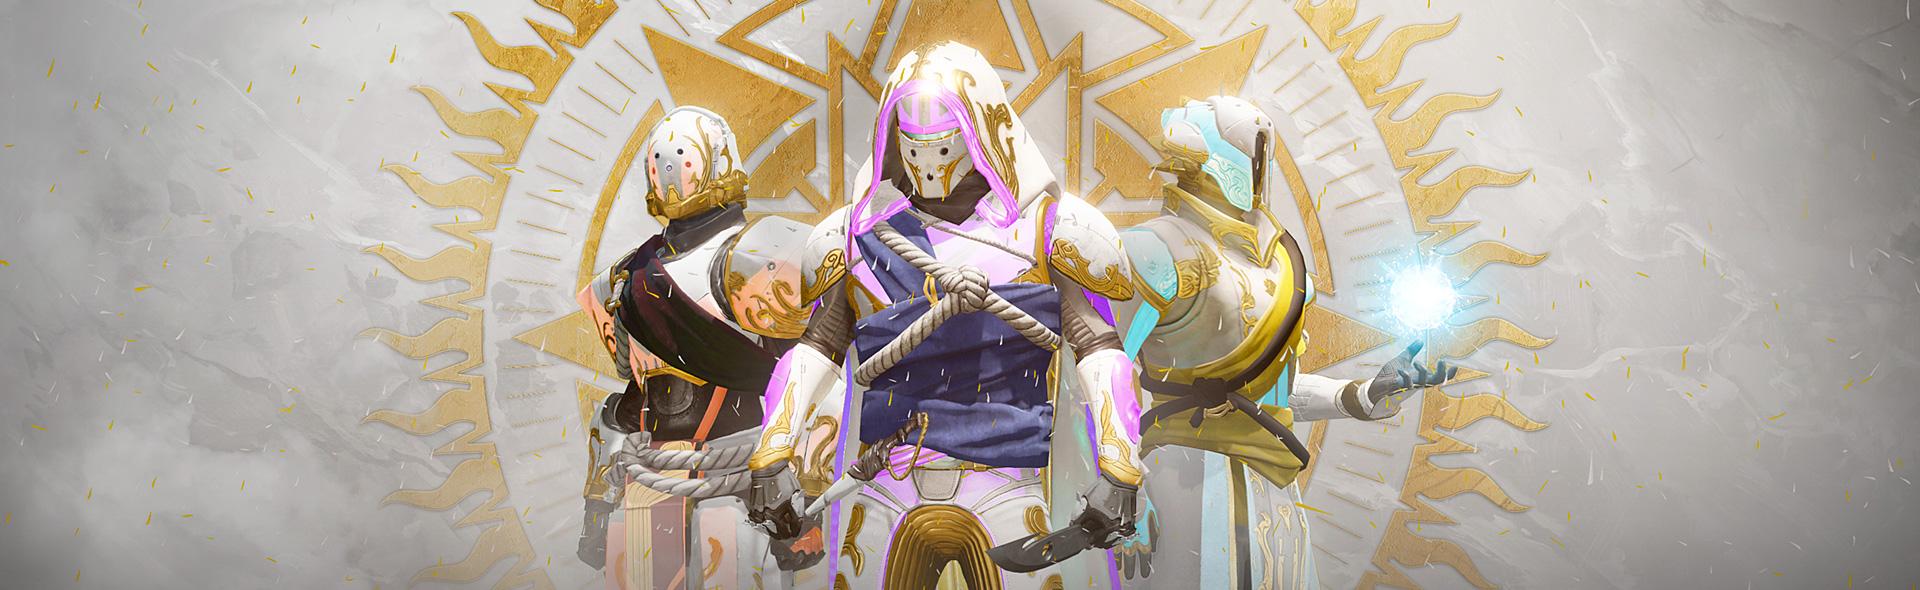 Solstice_of_Heroes_Header_Frontpage.jpg?cv=3983621215&av=31871645